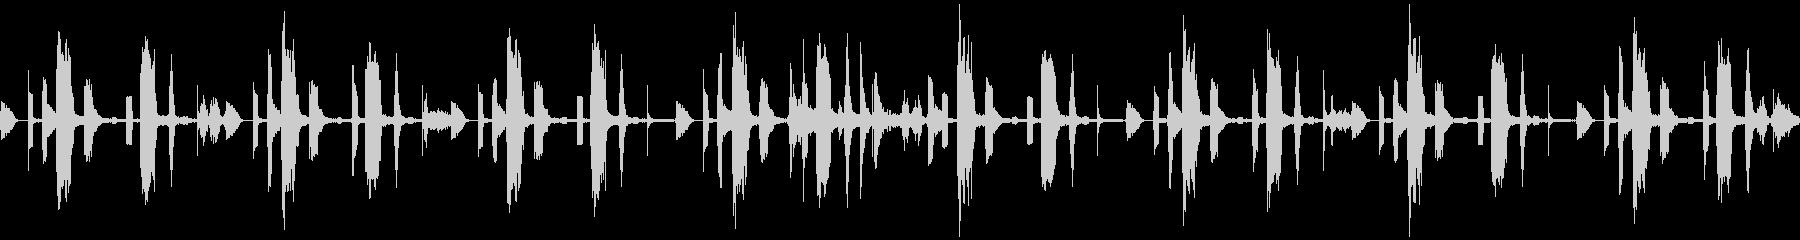 ピコピコかわいい、デジタルな待機BGMの未再生の波形